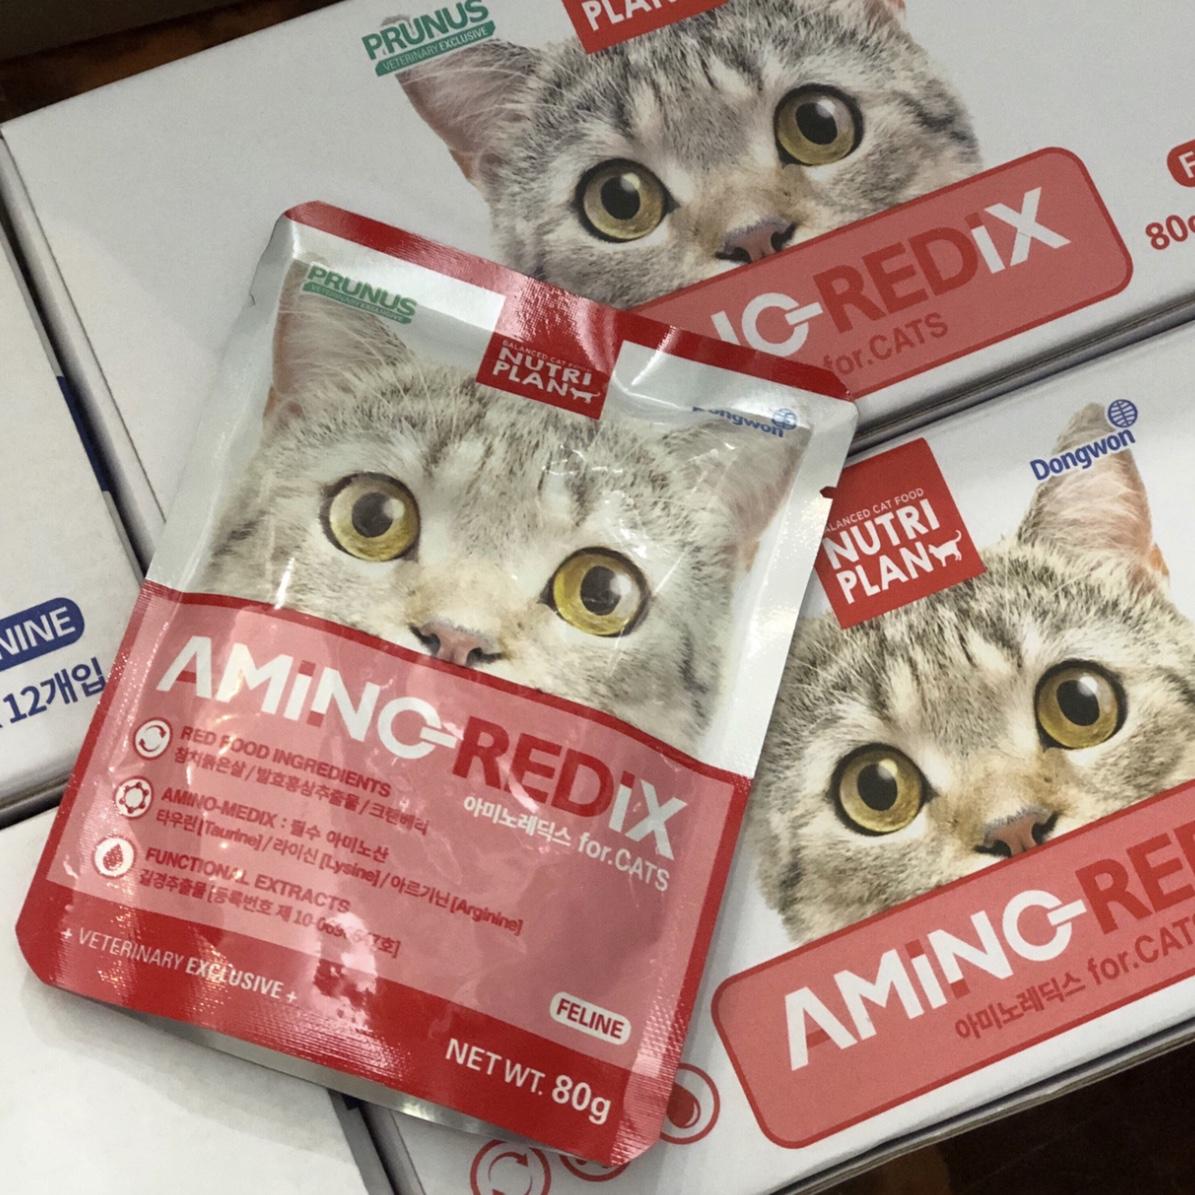 Nước Bổ Sung Dinh Dưỡng Mèo PRUNUS NutriMedix Hàn Quốc 80g